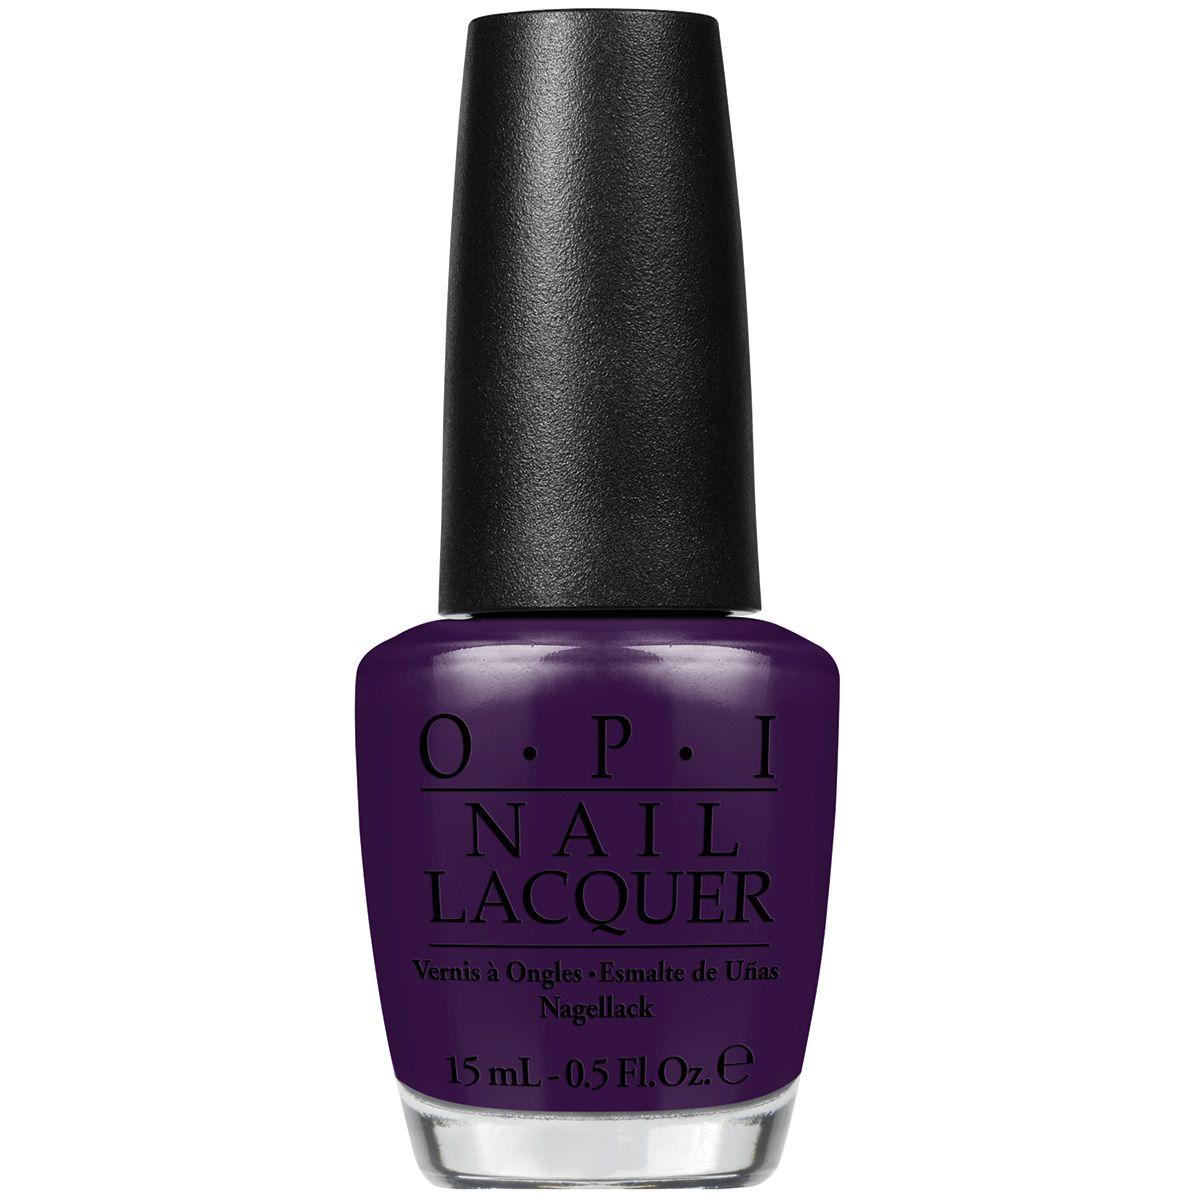 OPI Лак для ногтей A Grape Affair, 15 млNLC19Лак для ногтей OPI быстросохнущий, содержит натуральный шелк и аминокислоты. Увлажняет и ухаживает за ногтями. Форма флакона, колпачка и кисти специально разработаны для удобного использования и запатентованы.